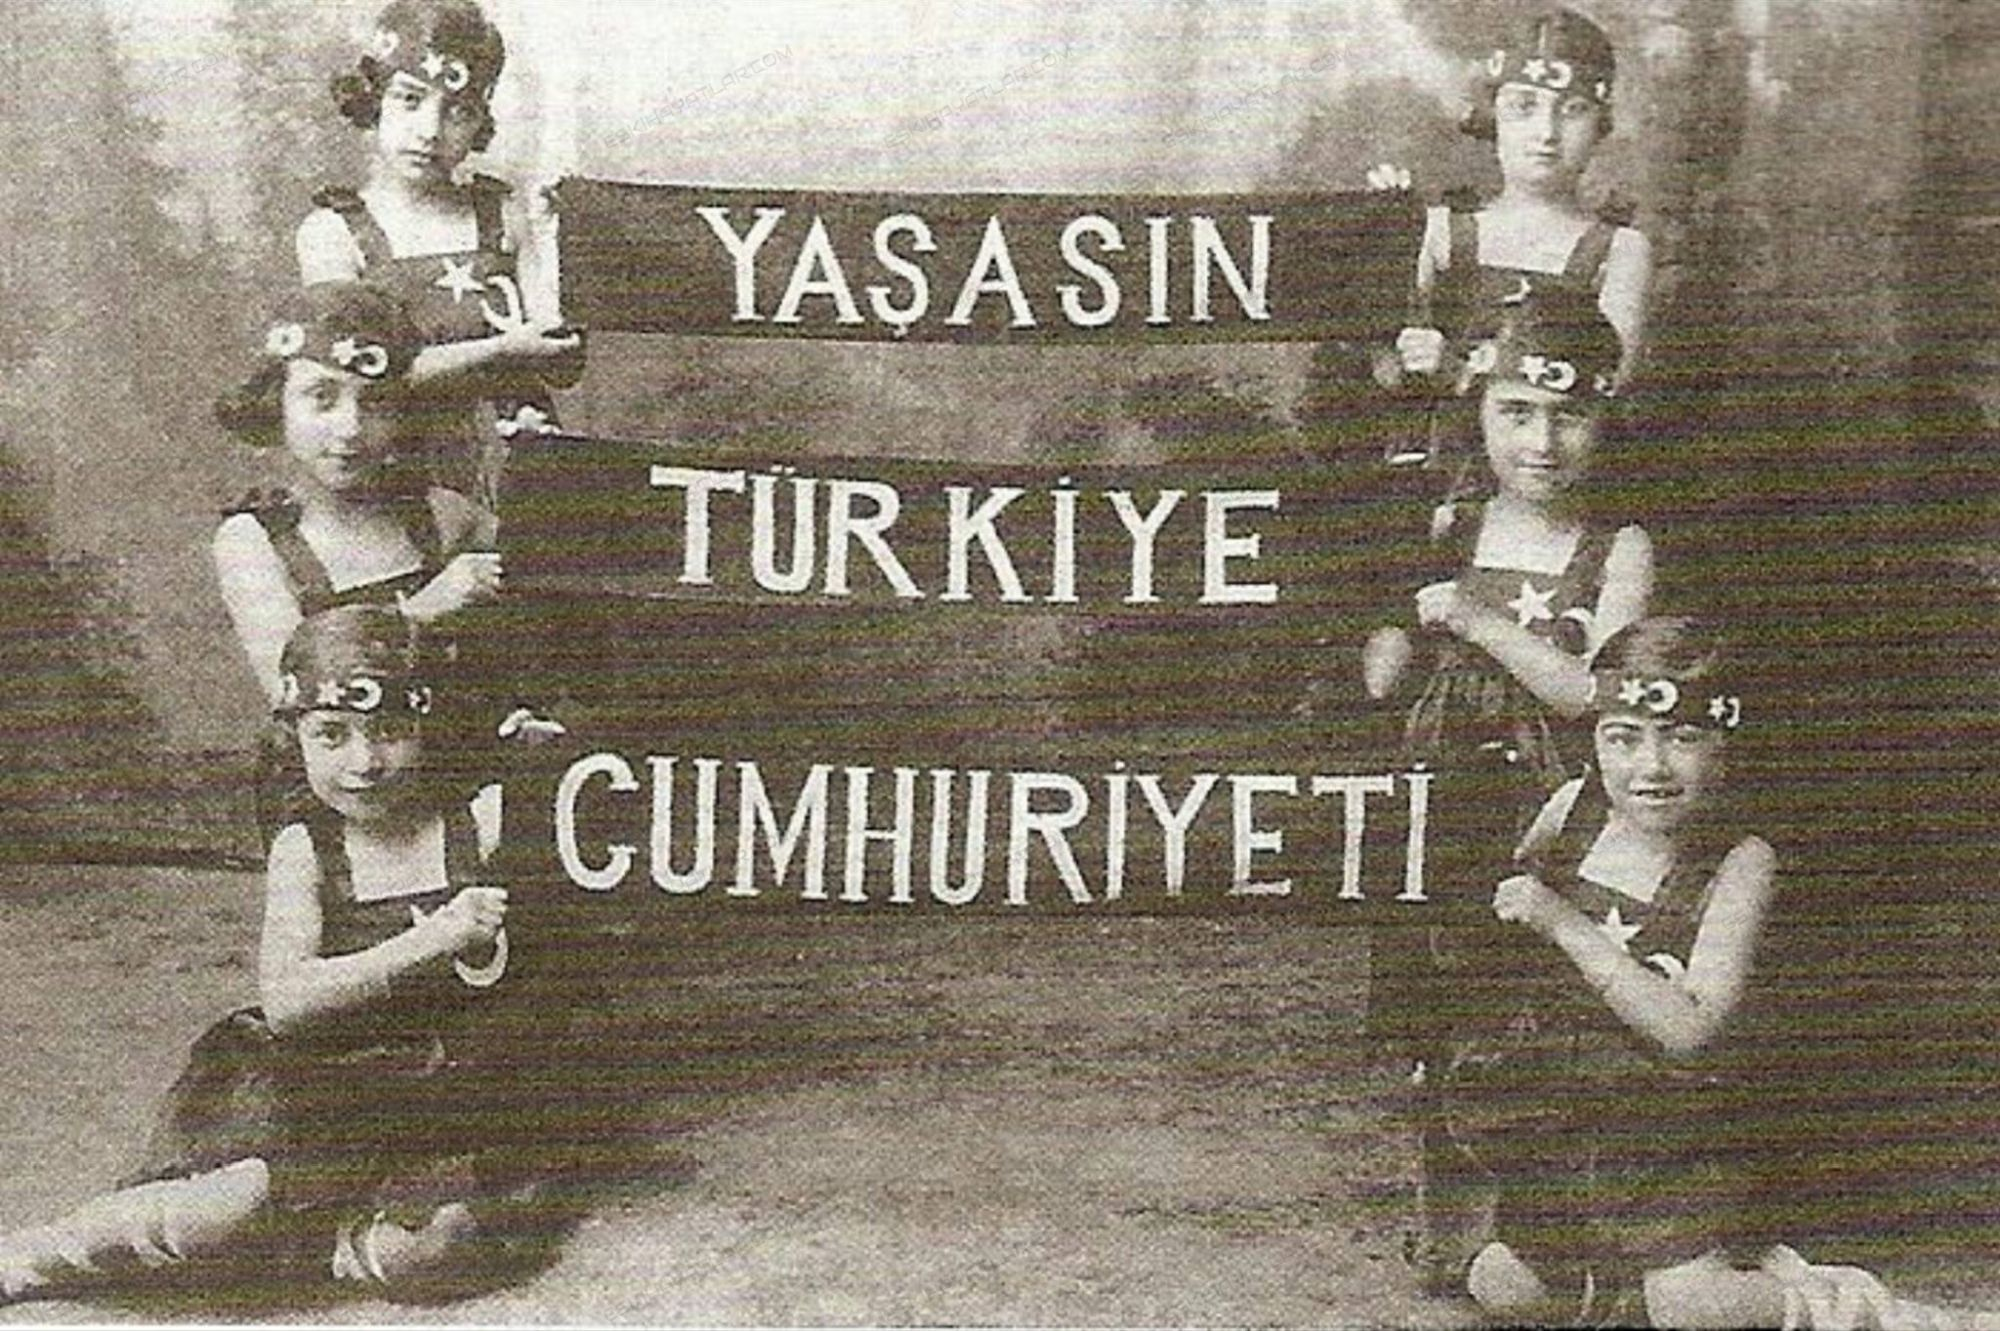 0423-yasasin-turkiye-cumhuriyeti-gorseli-1930-yili